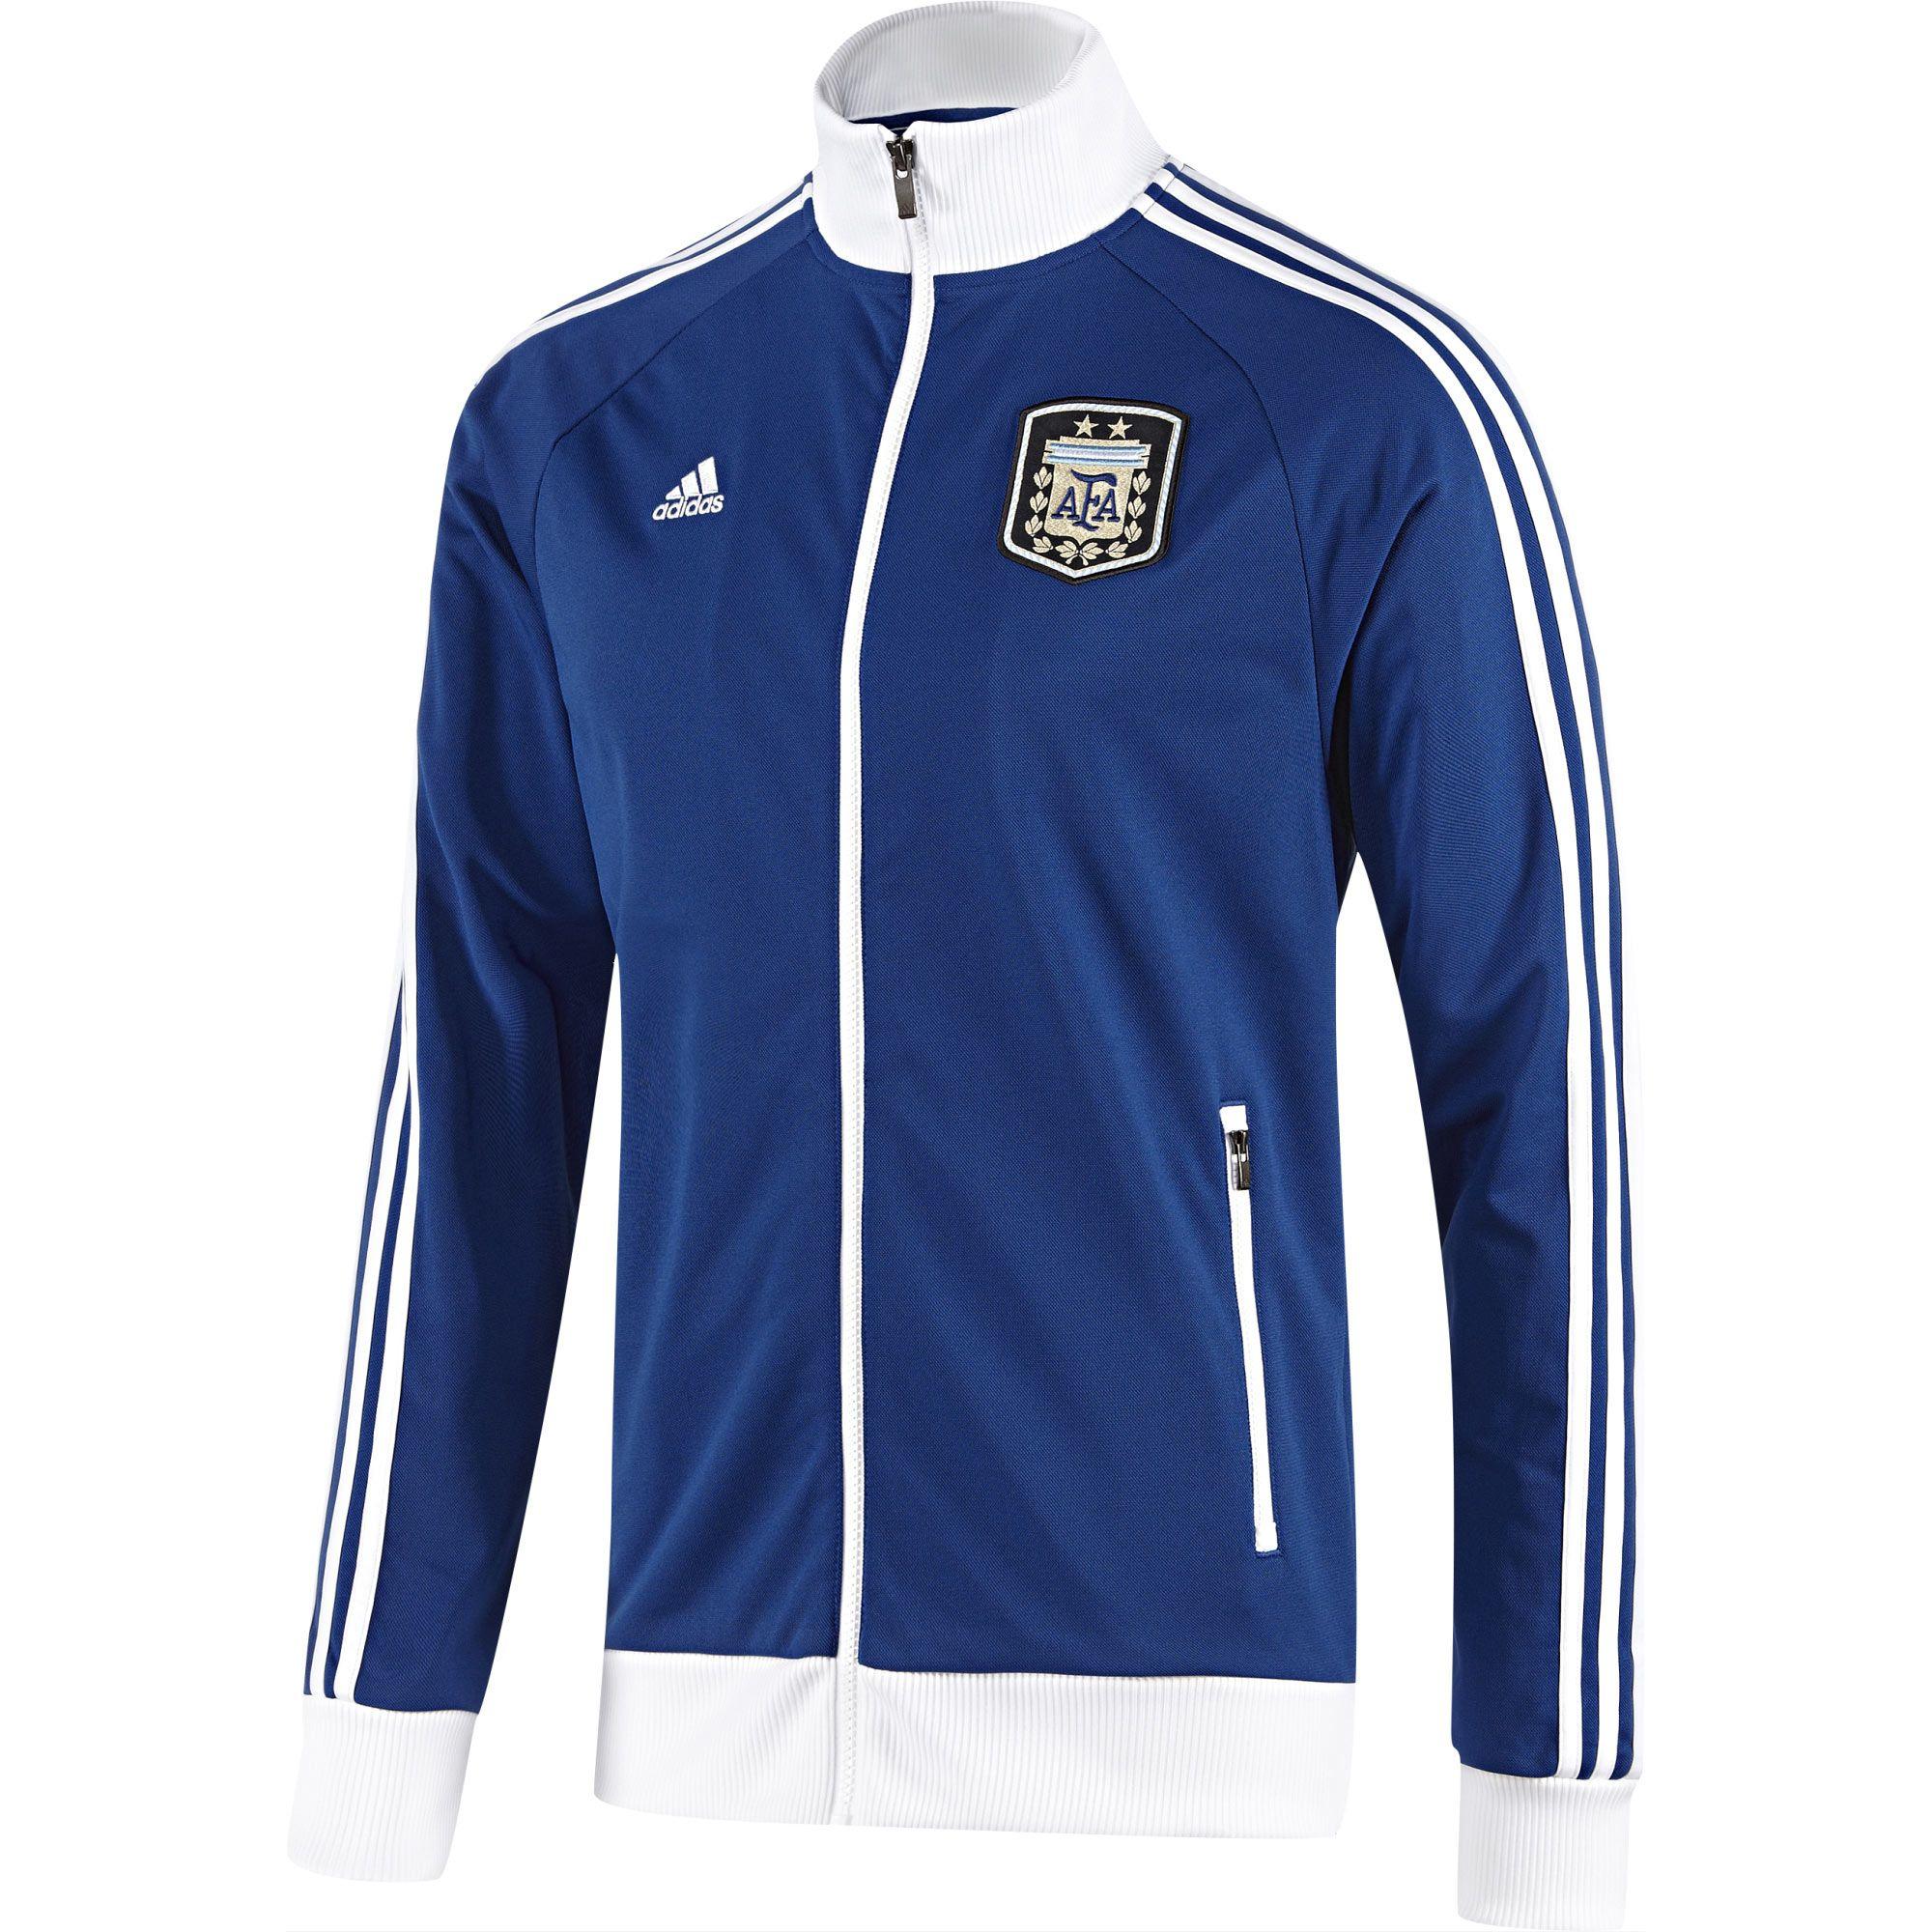 573834f0ab4d3 adidas Chaqueta Argentina AFA